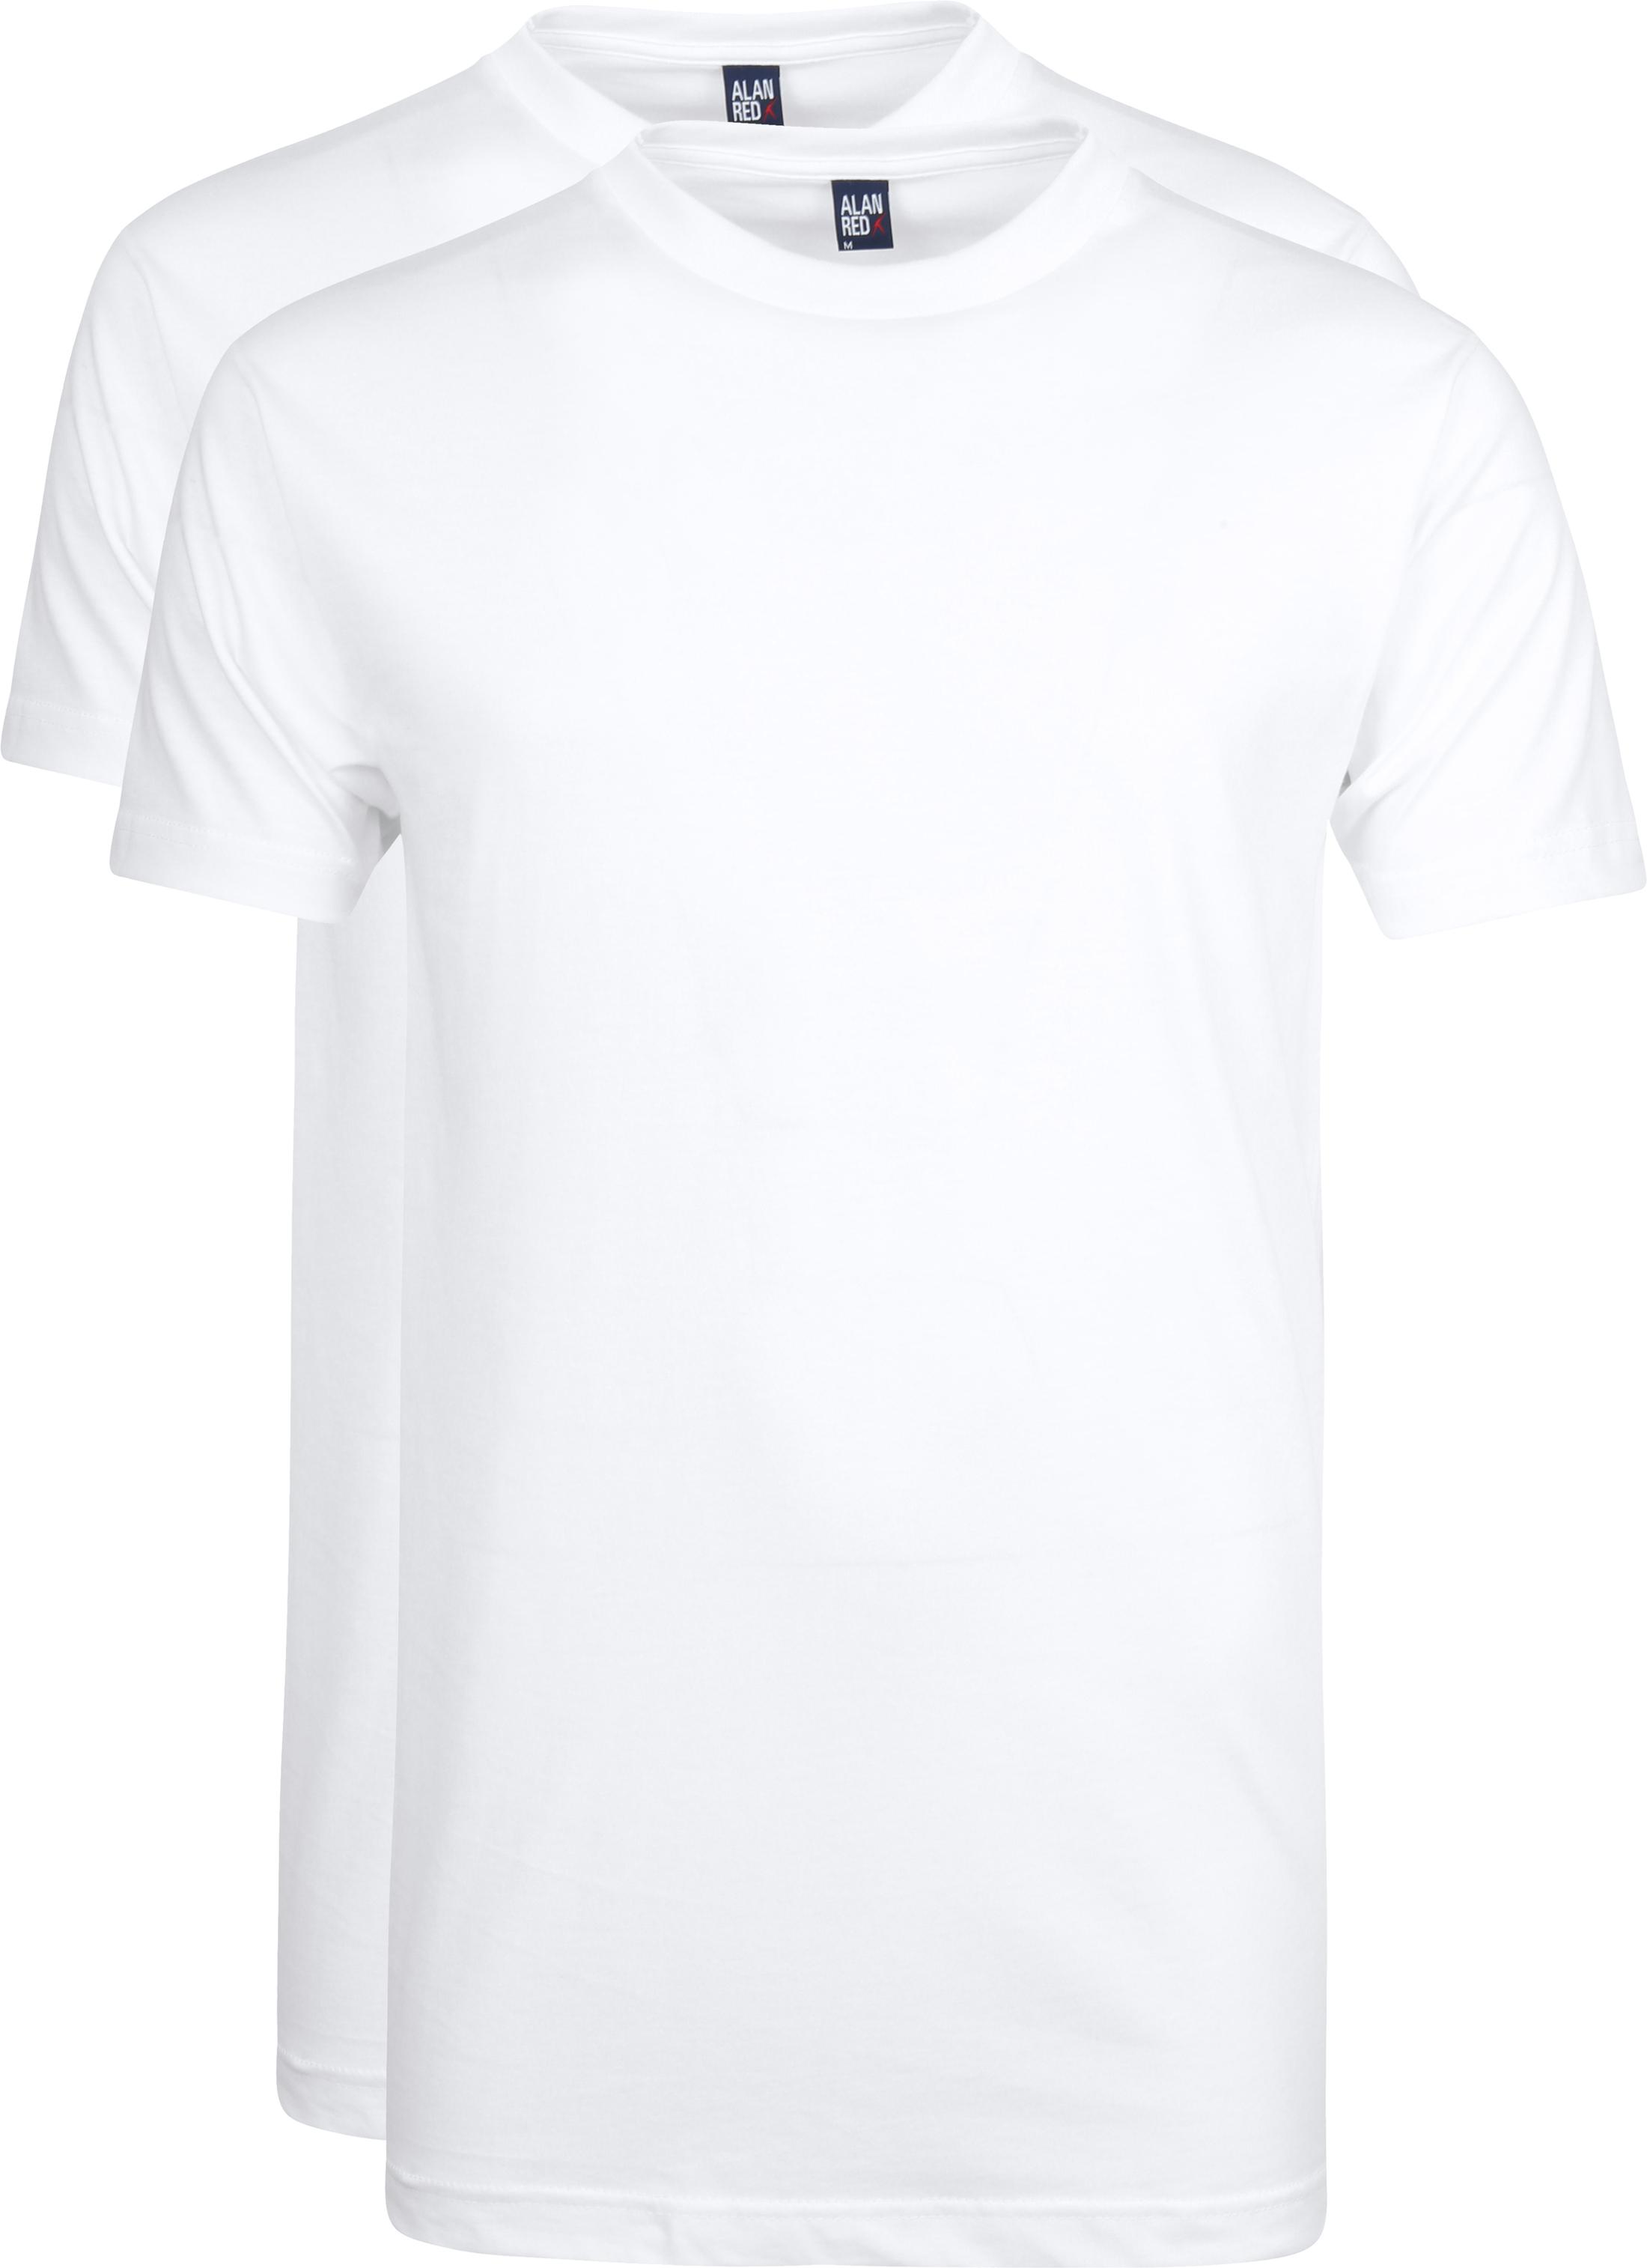 Alan Red T-Shirt Virginia Weiß (2er-Pack)